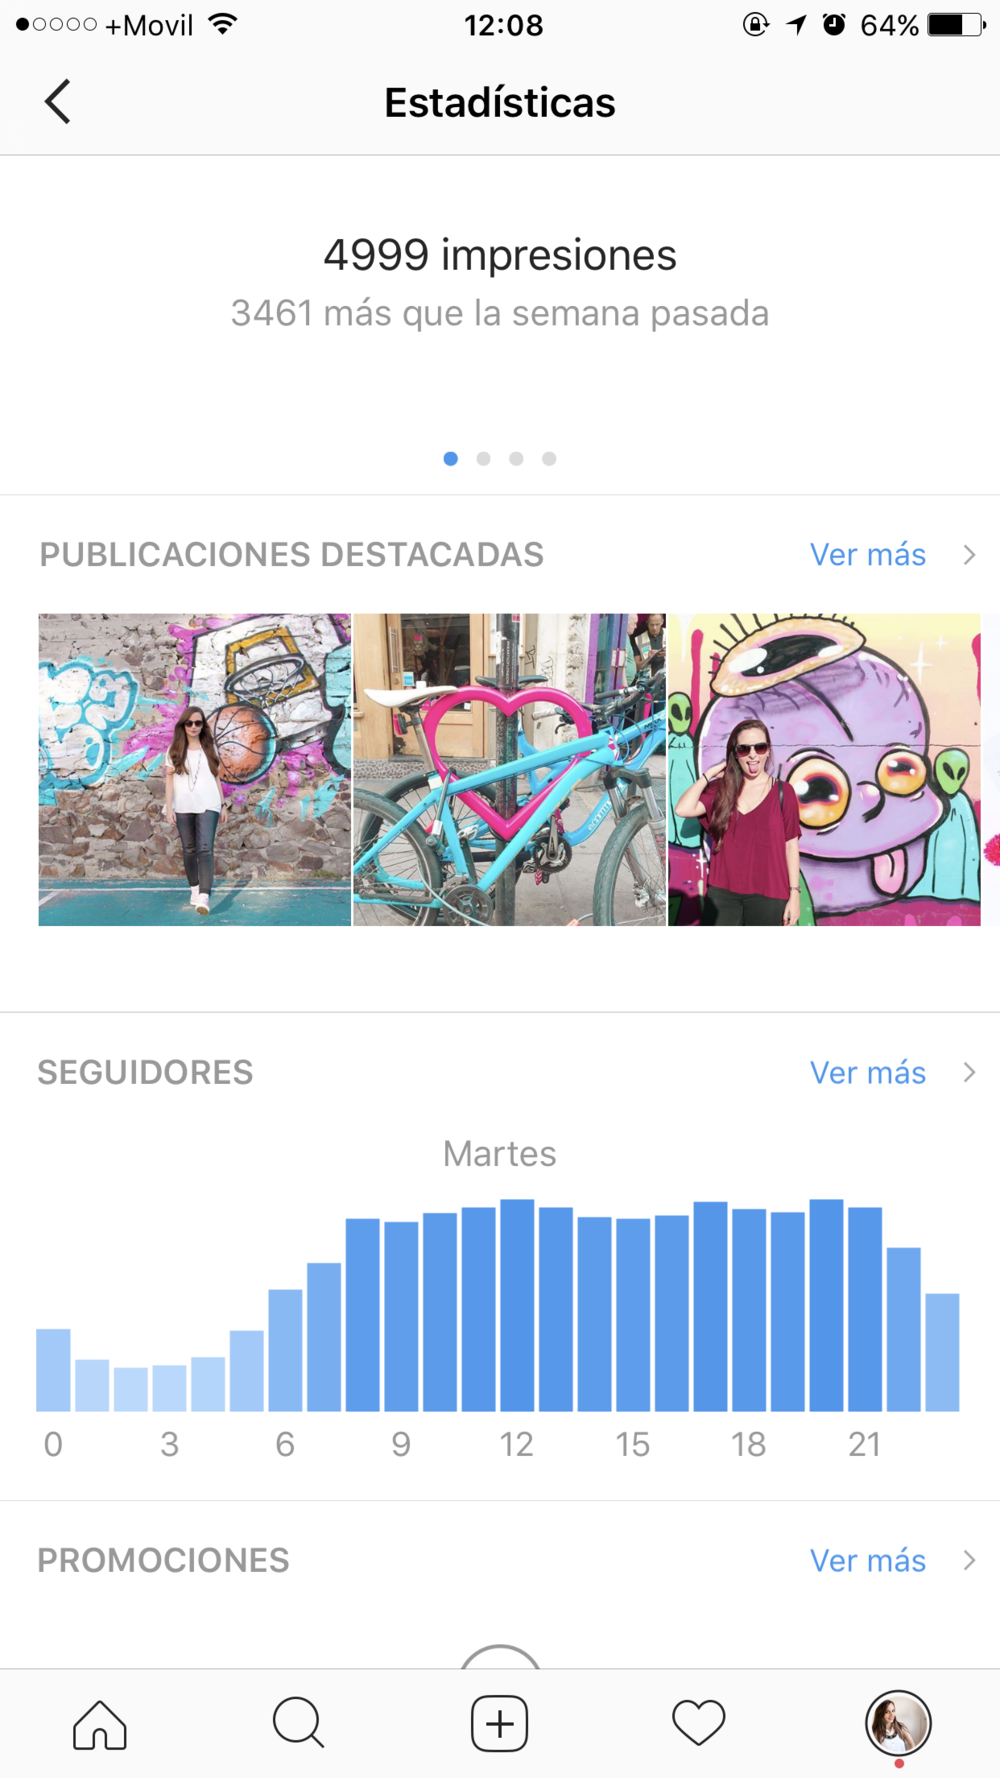 Perfil de negocios en Instagram. Estadísticas y analíticas.